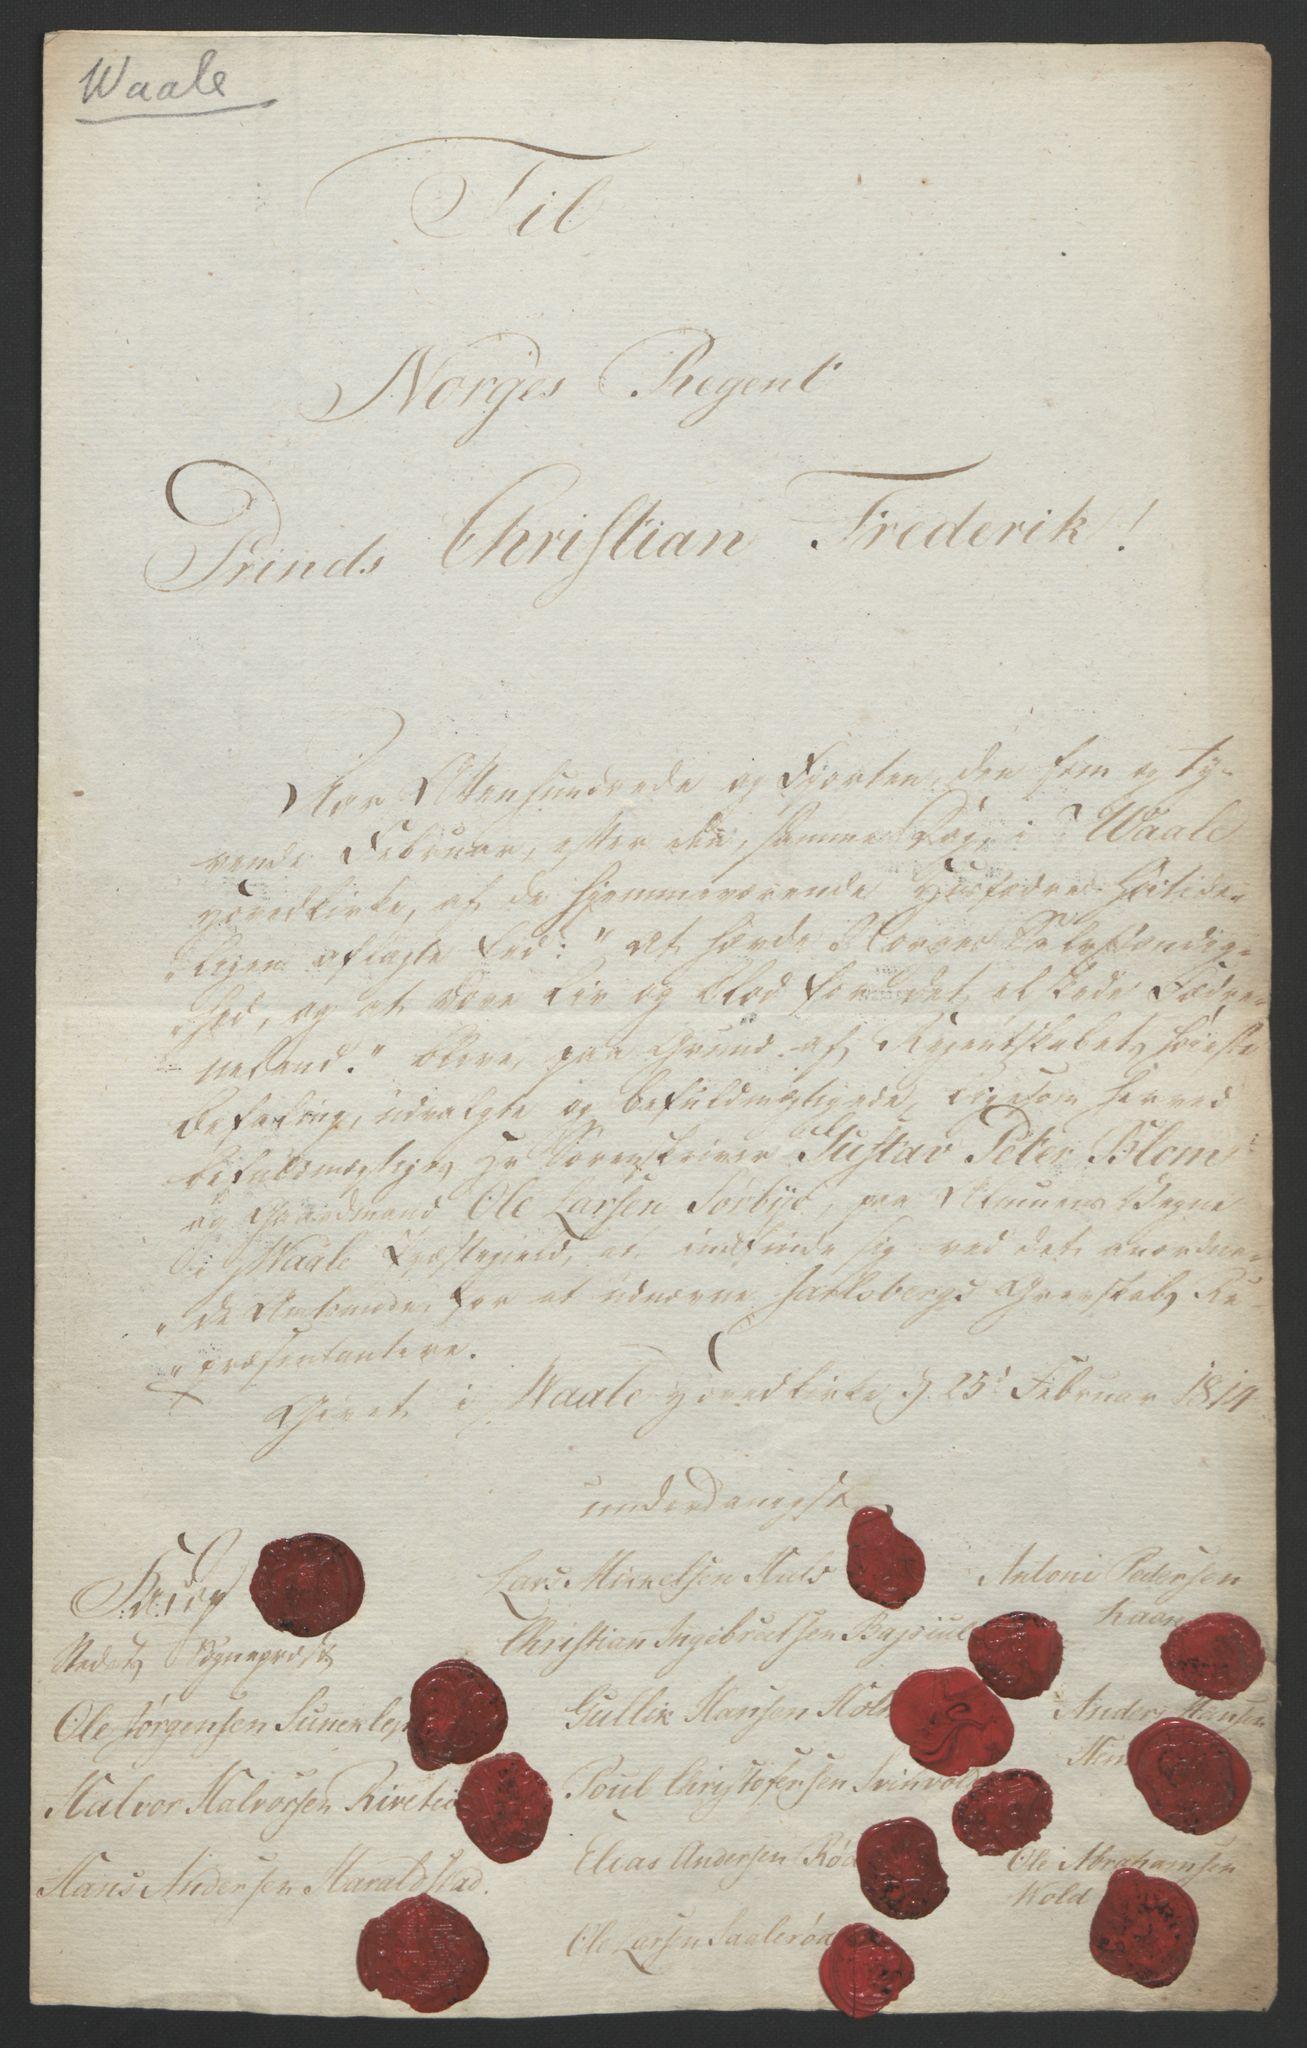 RA, Statsrådssekretariatet, D/Db/L0008: Fullmakter for Eidsvollsrepresentantene i 1814. , 1814, s. 26